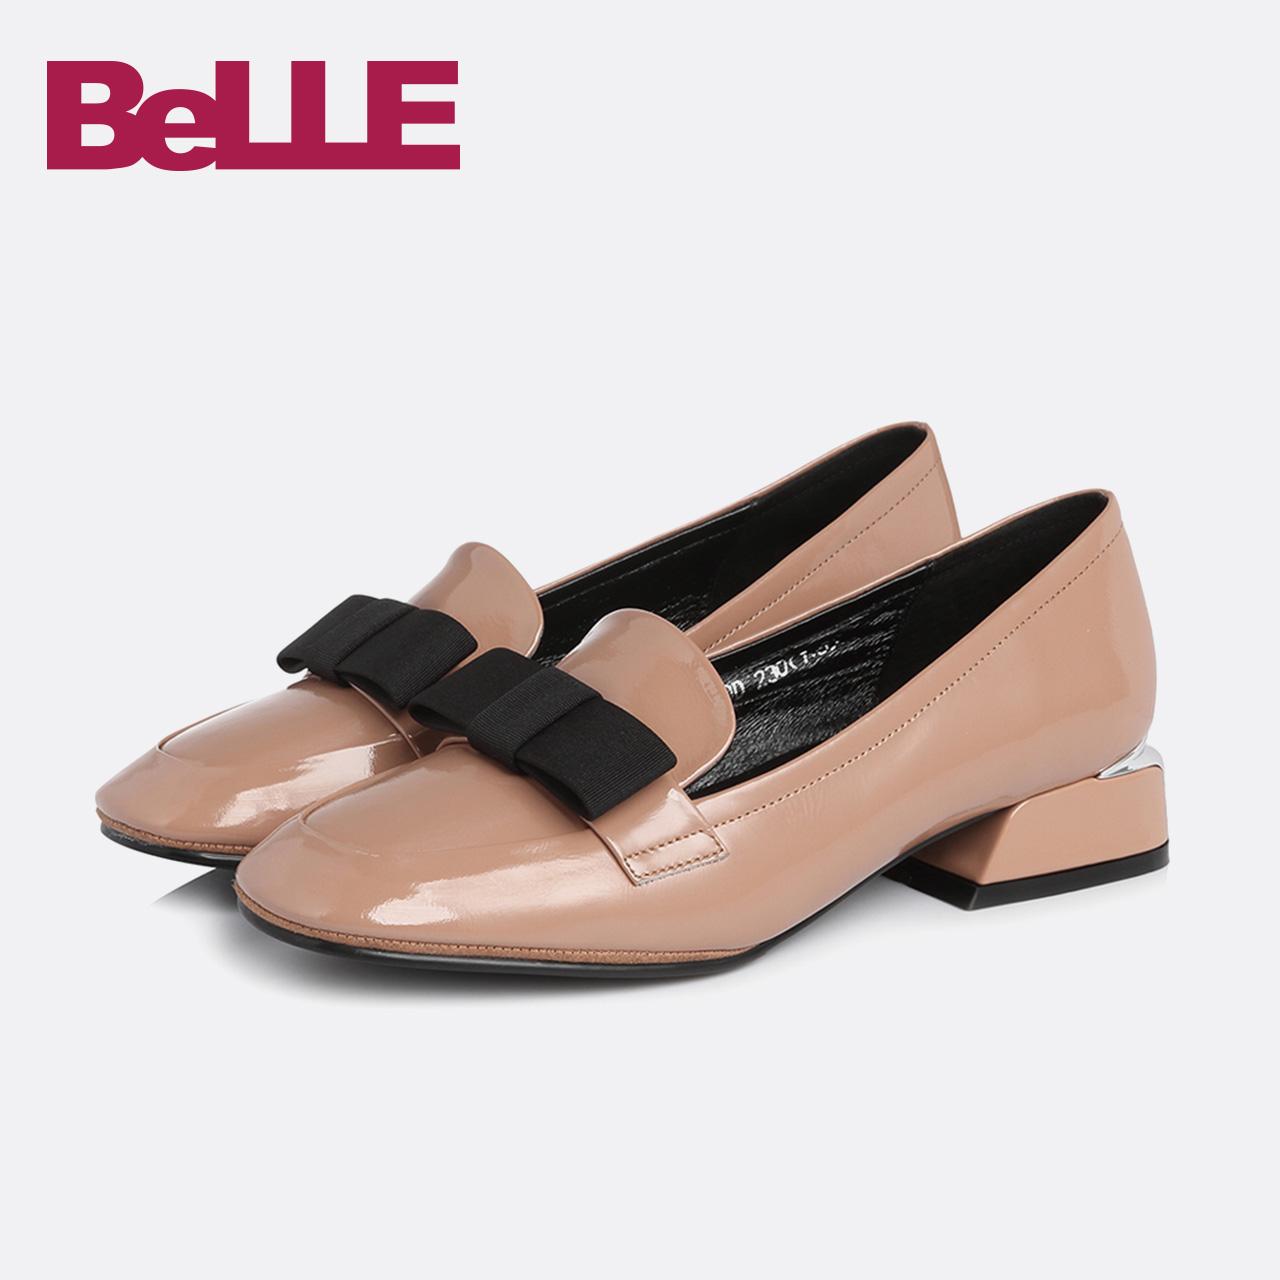 百丽单鞋18春季新款商场同款皱牛漆皮乐福女鞋S2W1DAM8